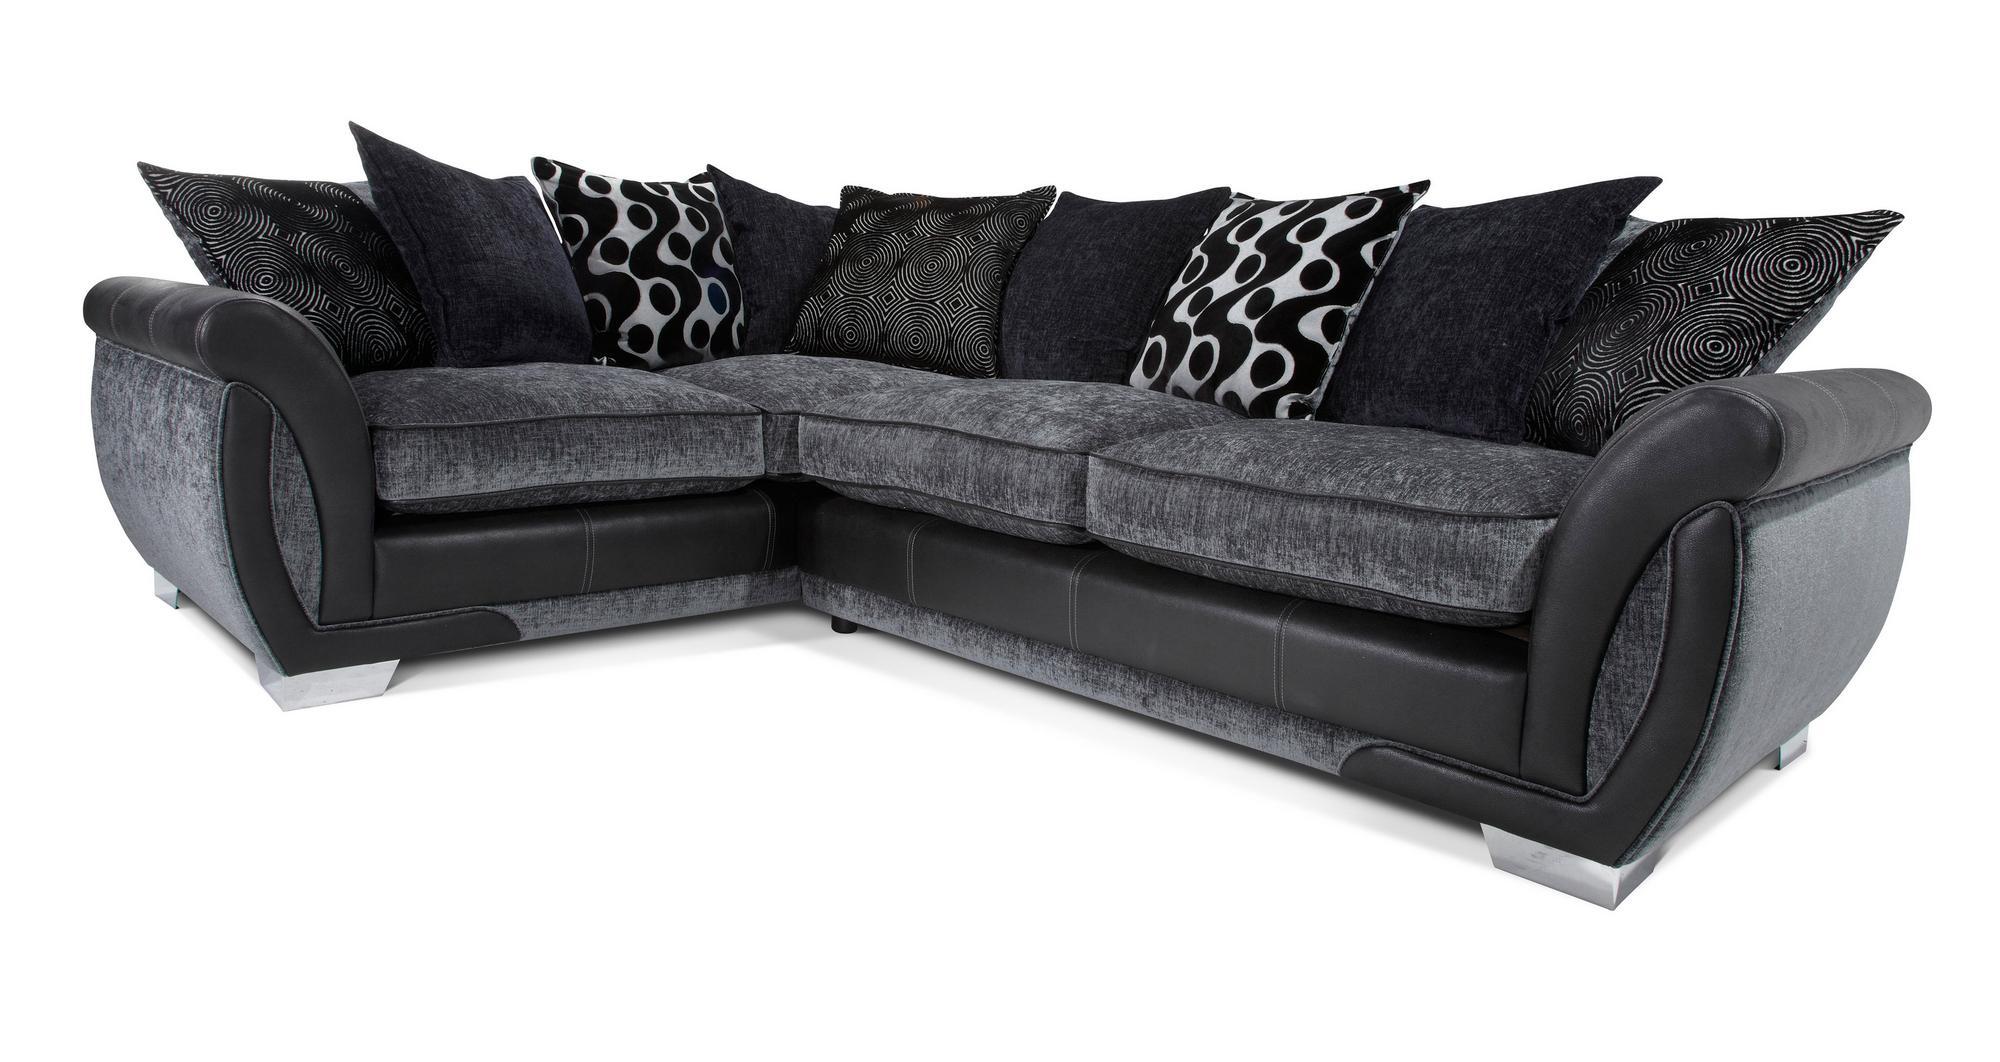 dino sofa kinder sessel schaumstoff komfortabel kinderzimmer baby dfs shannon charcoal fabric. Black Bedroom Furniture Sets. Home Design Ideas